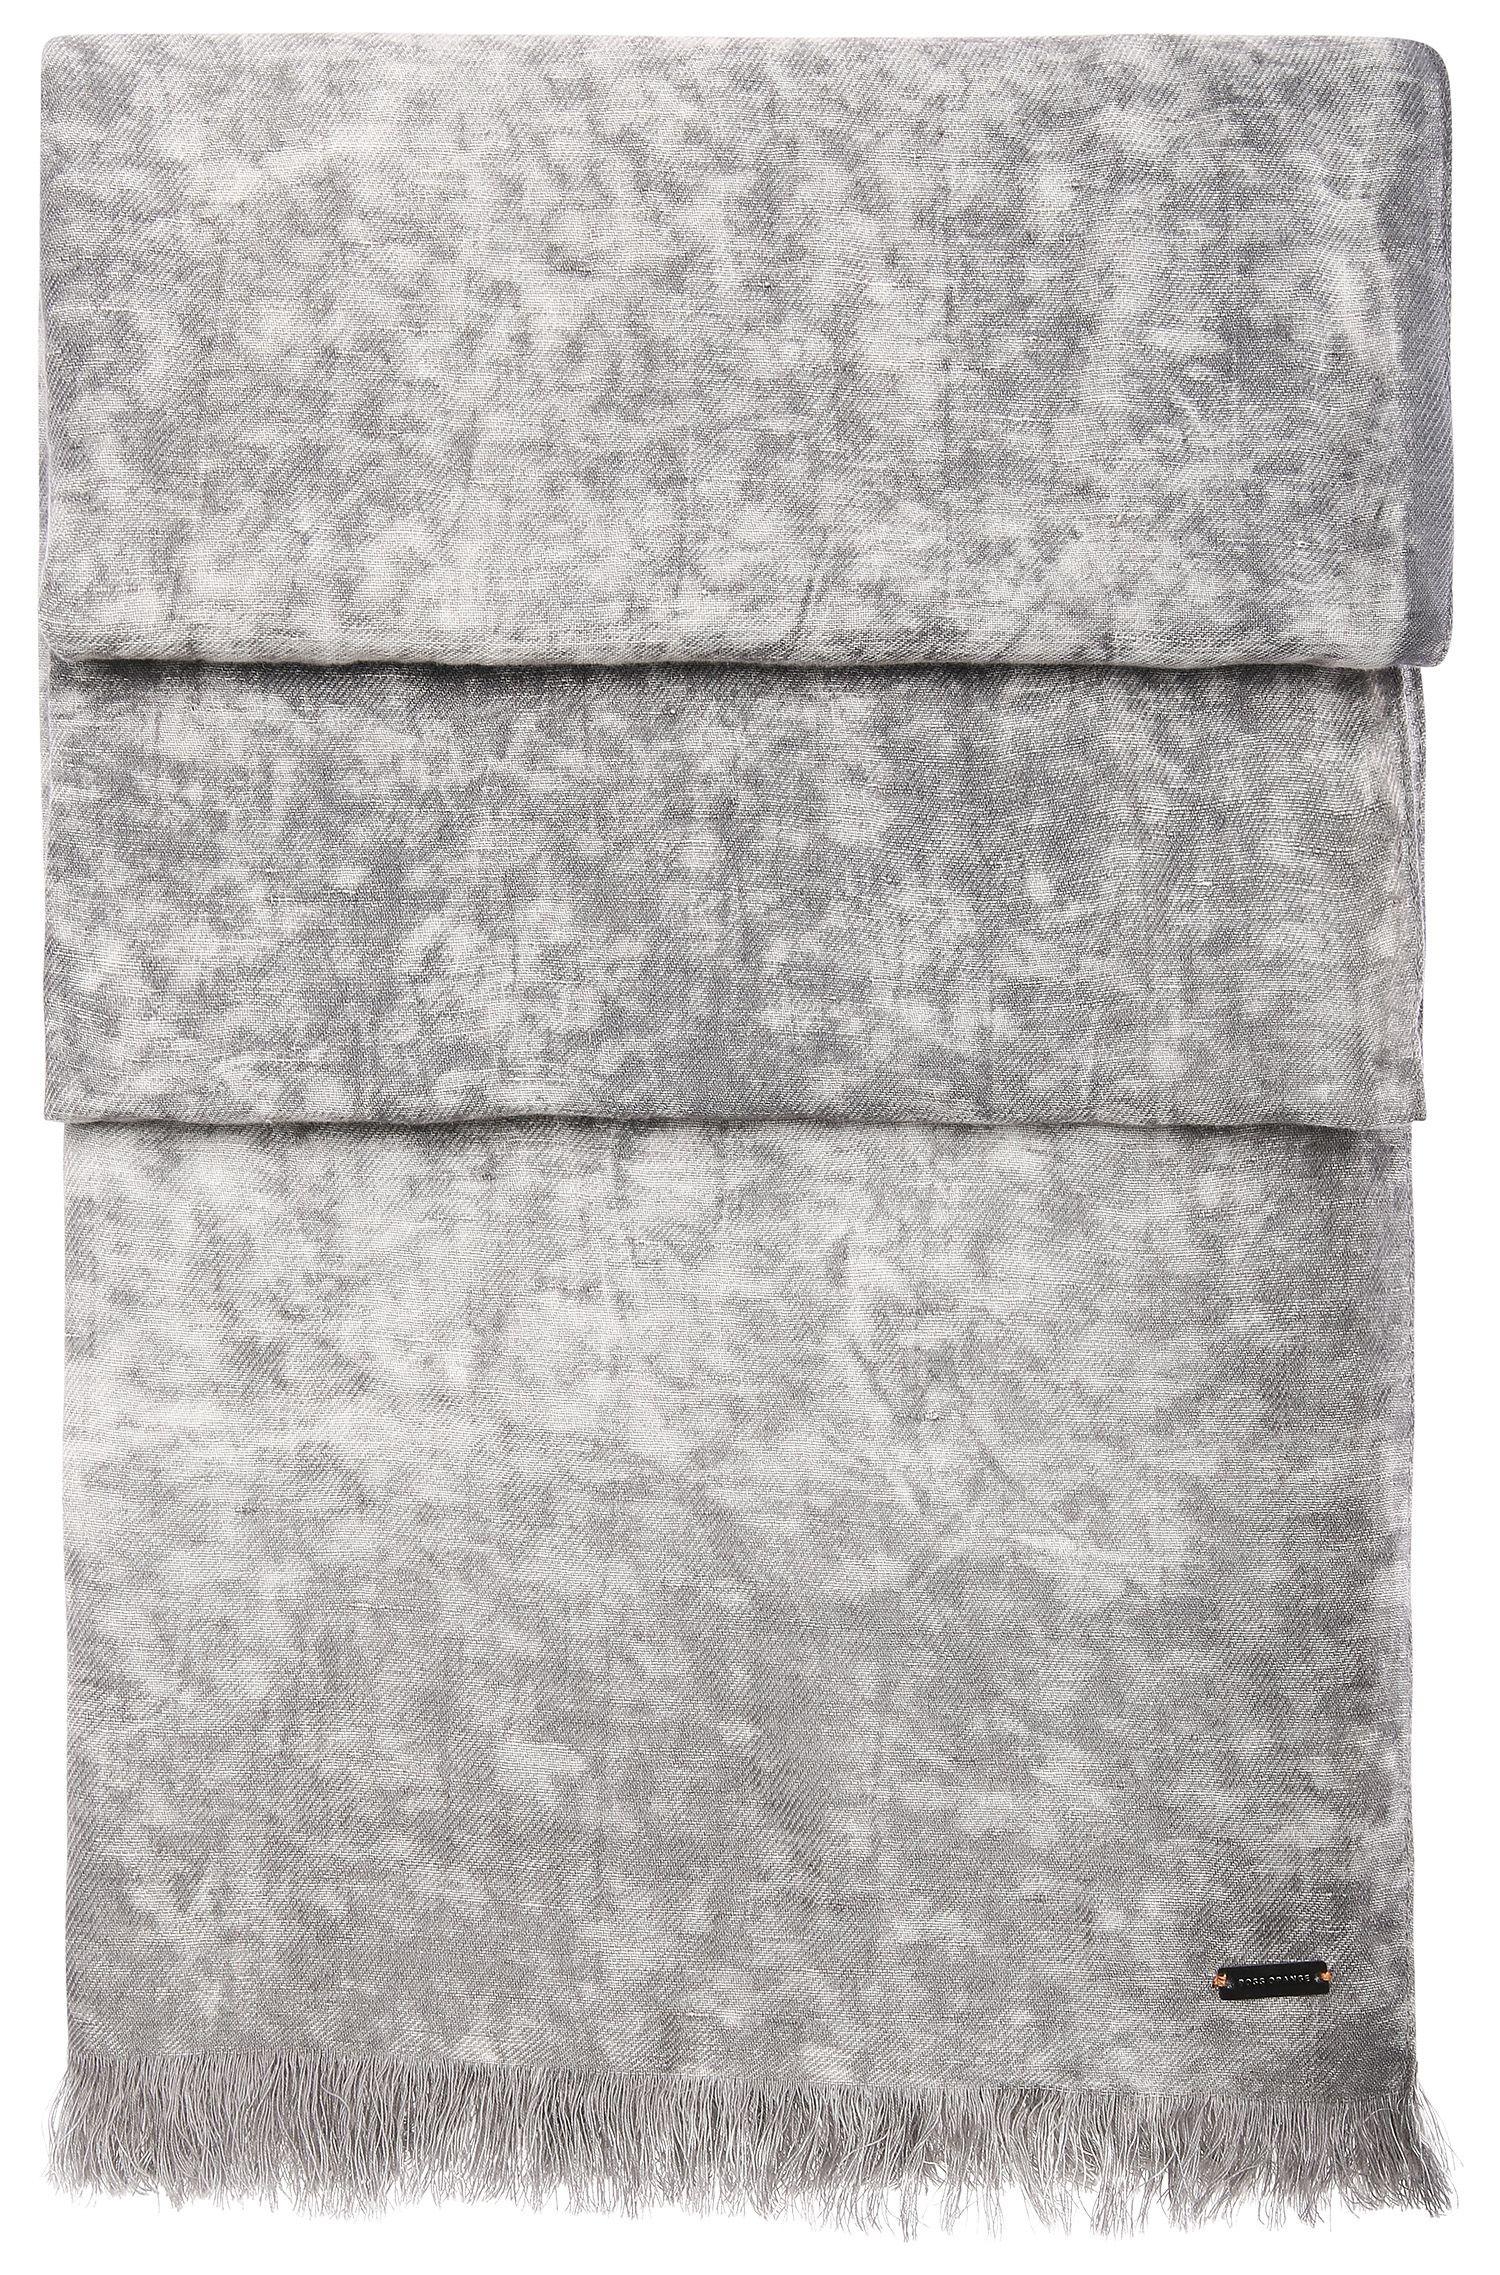 Cotton Linen Woven Scarf   Nuran